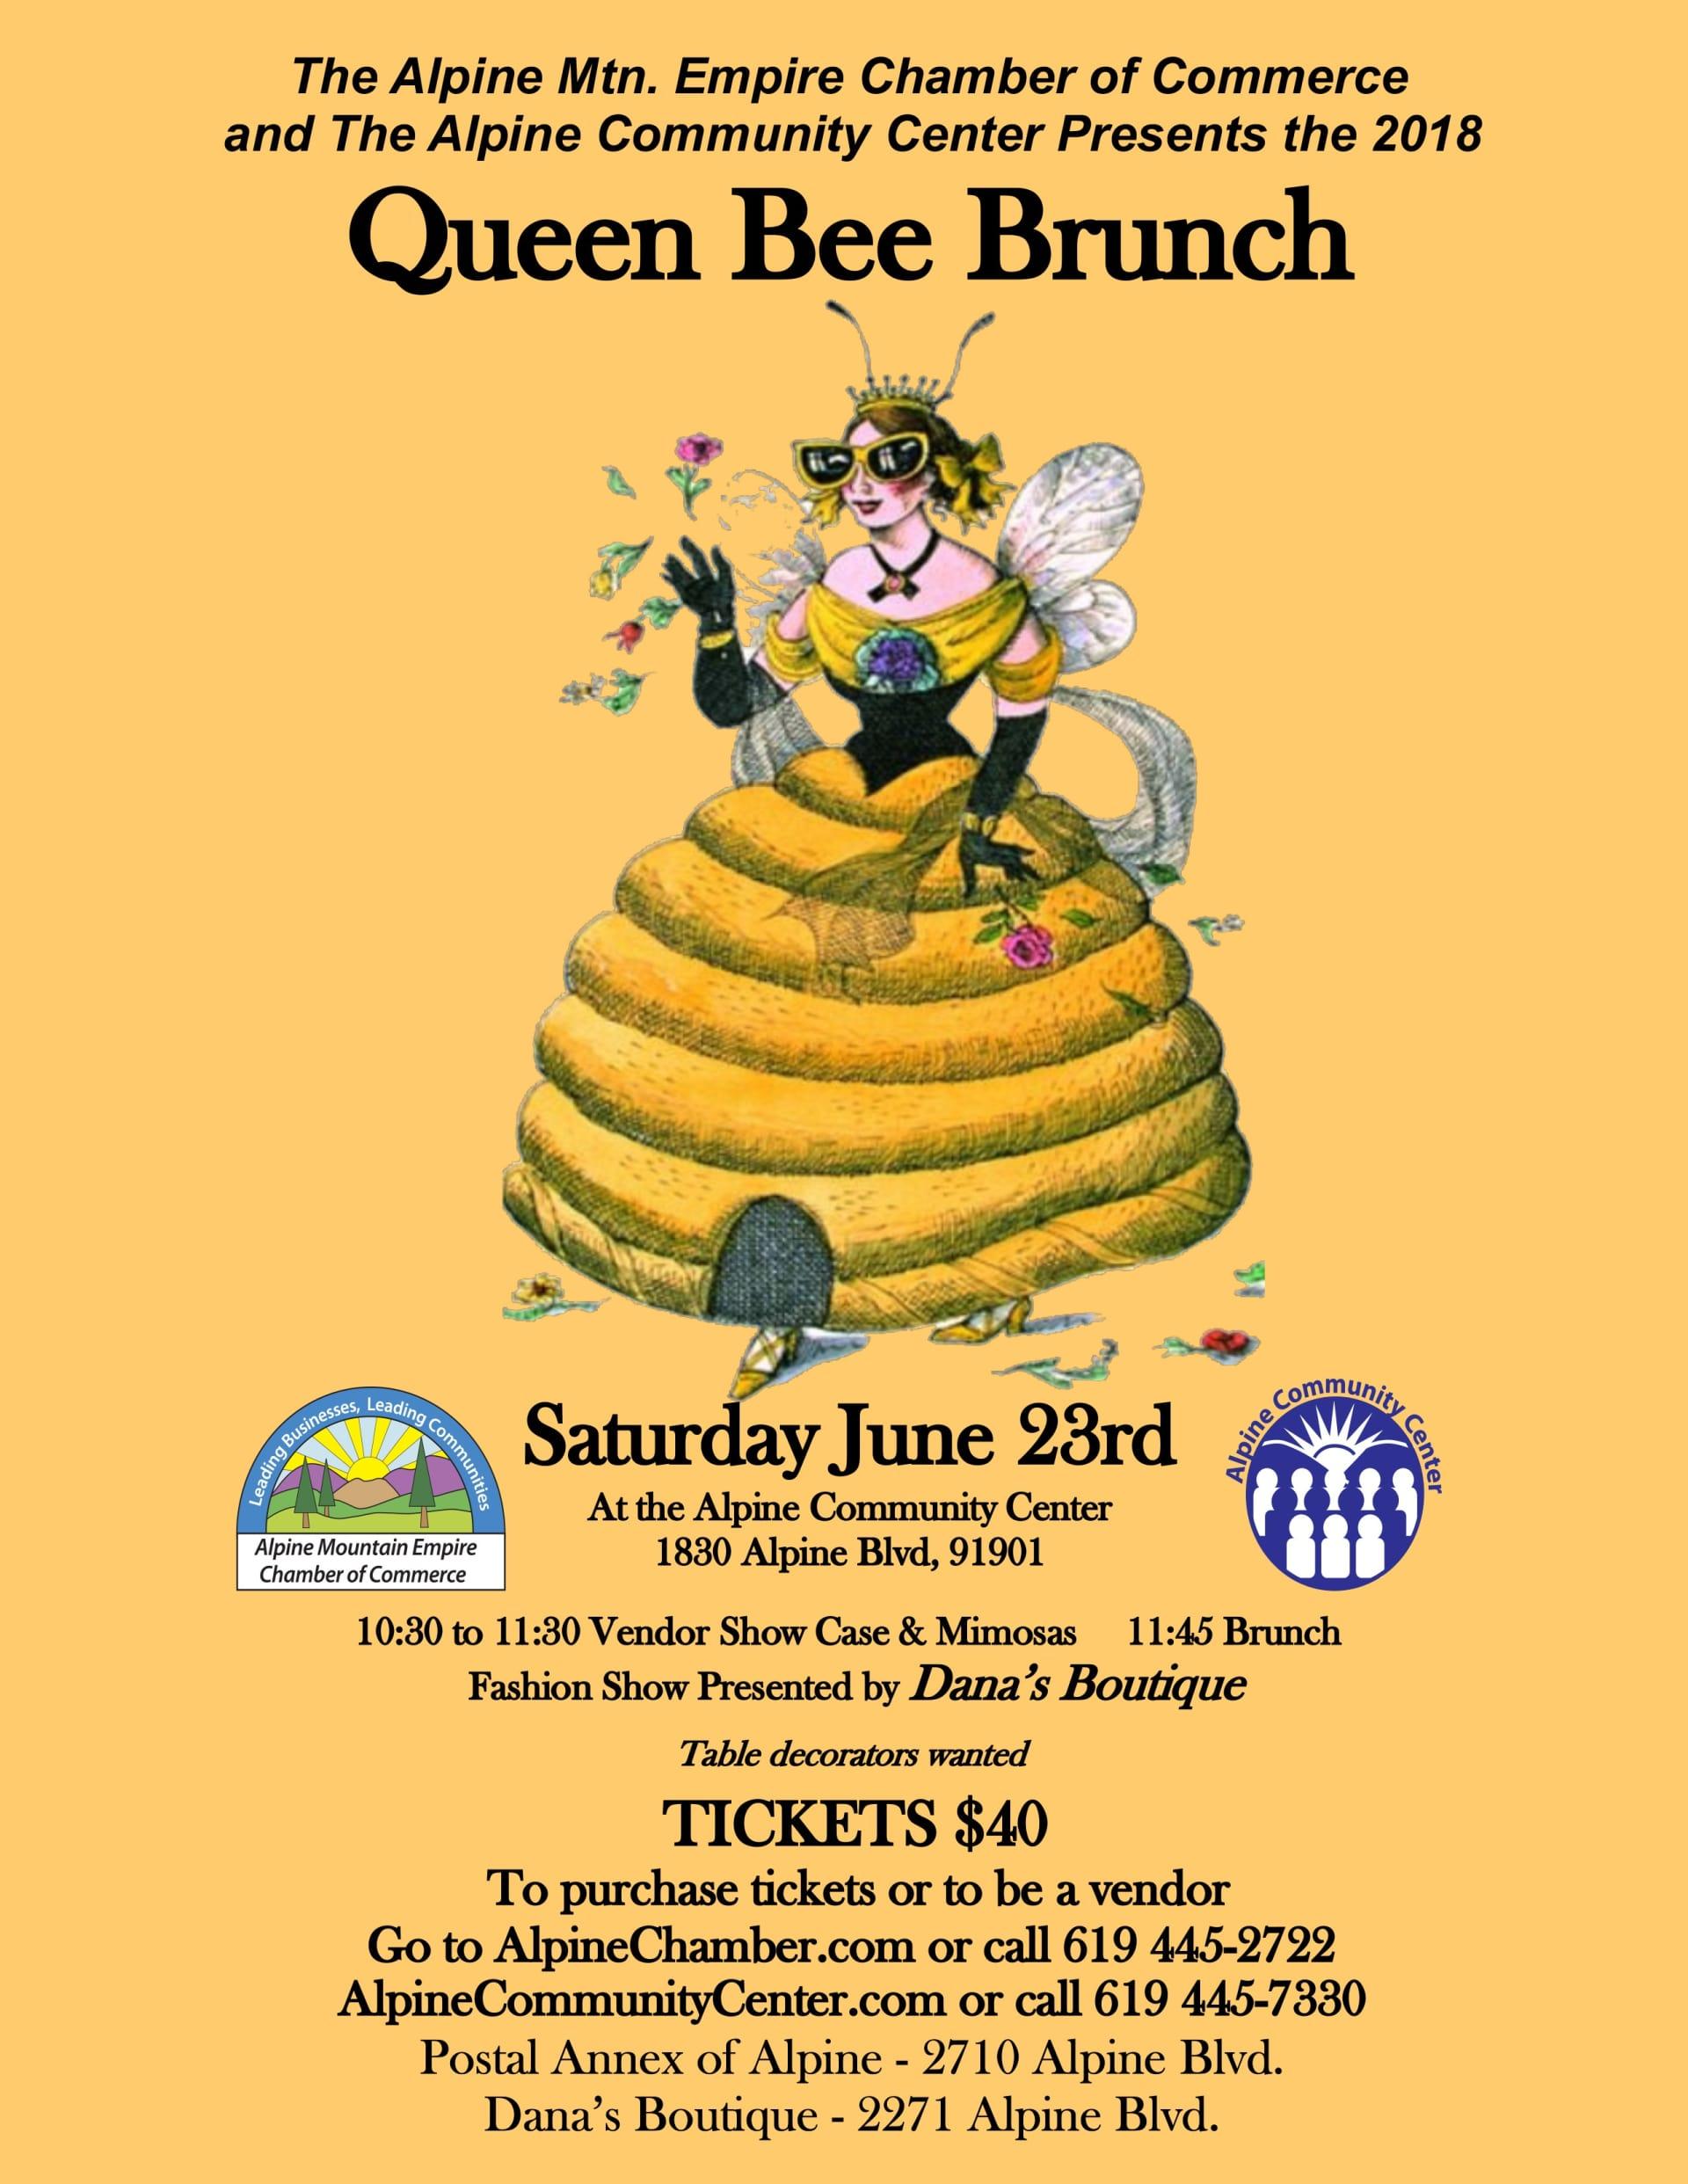 Queen-Bee-Brunch-JPEG-w1920.jpg